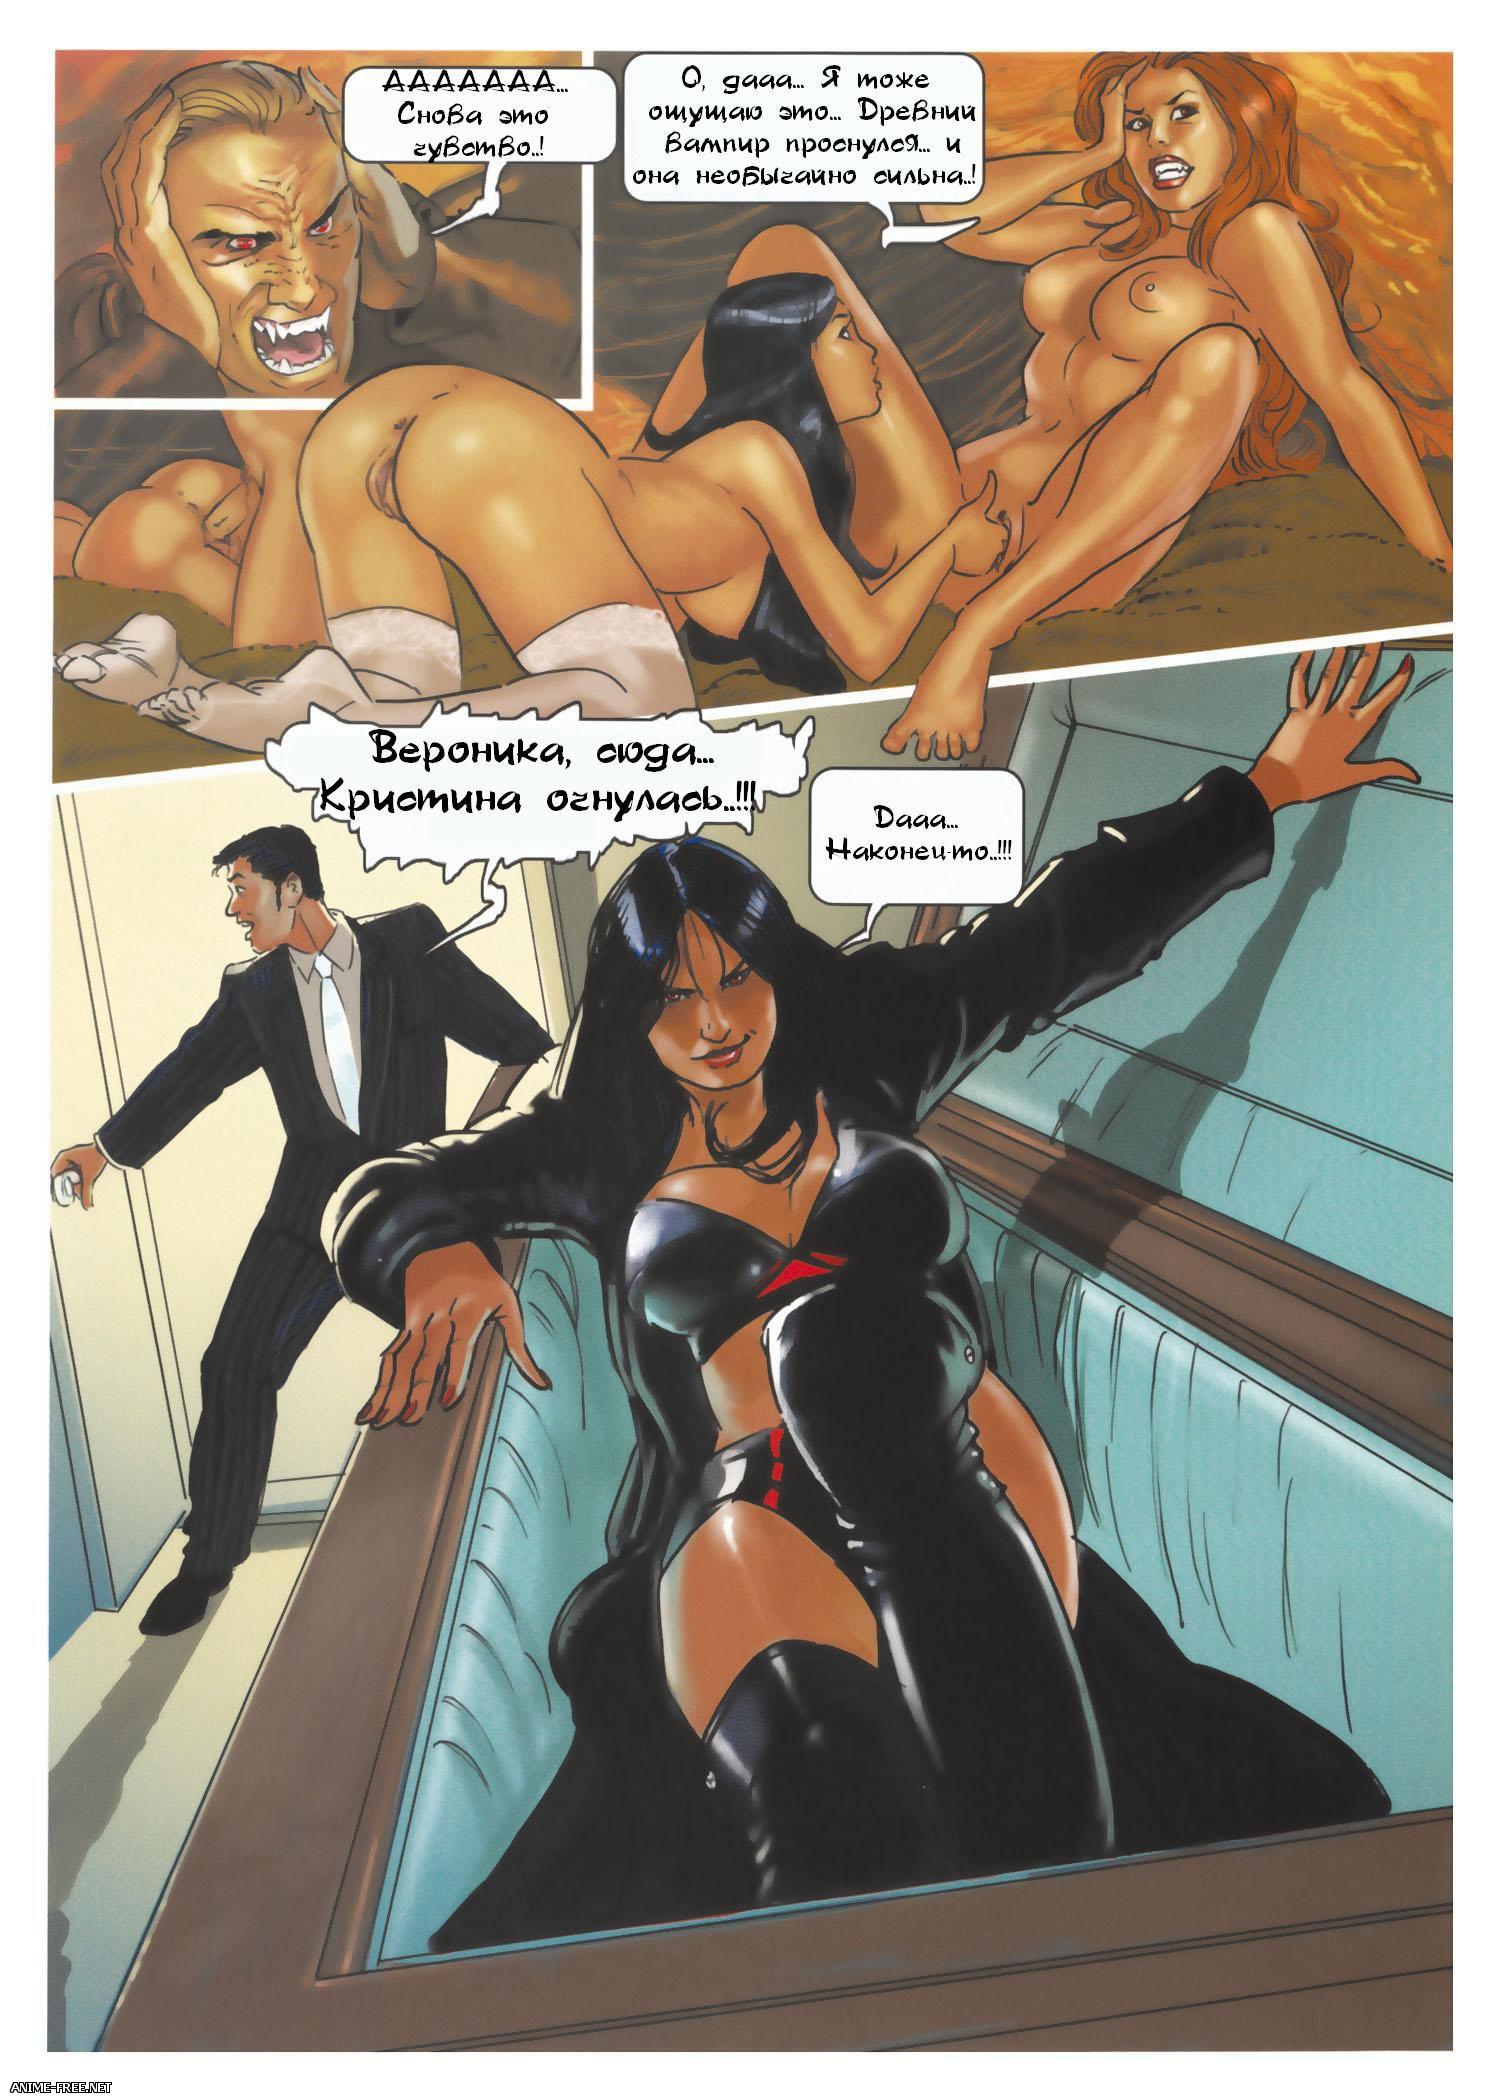 Gentlemen Comics / Комиксы джентльменов [Uncen] [RUS] Porn Comics